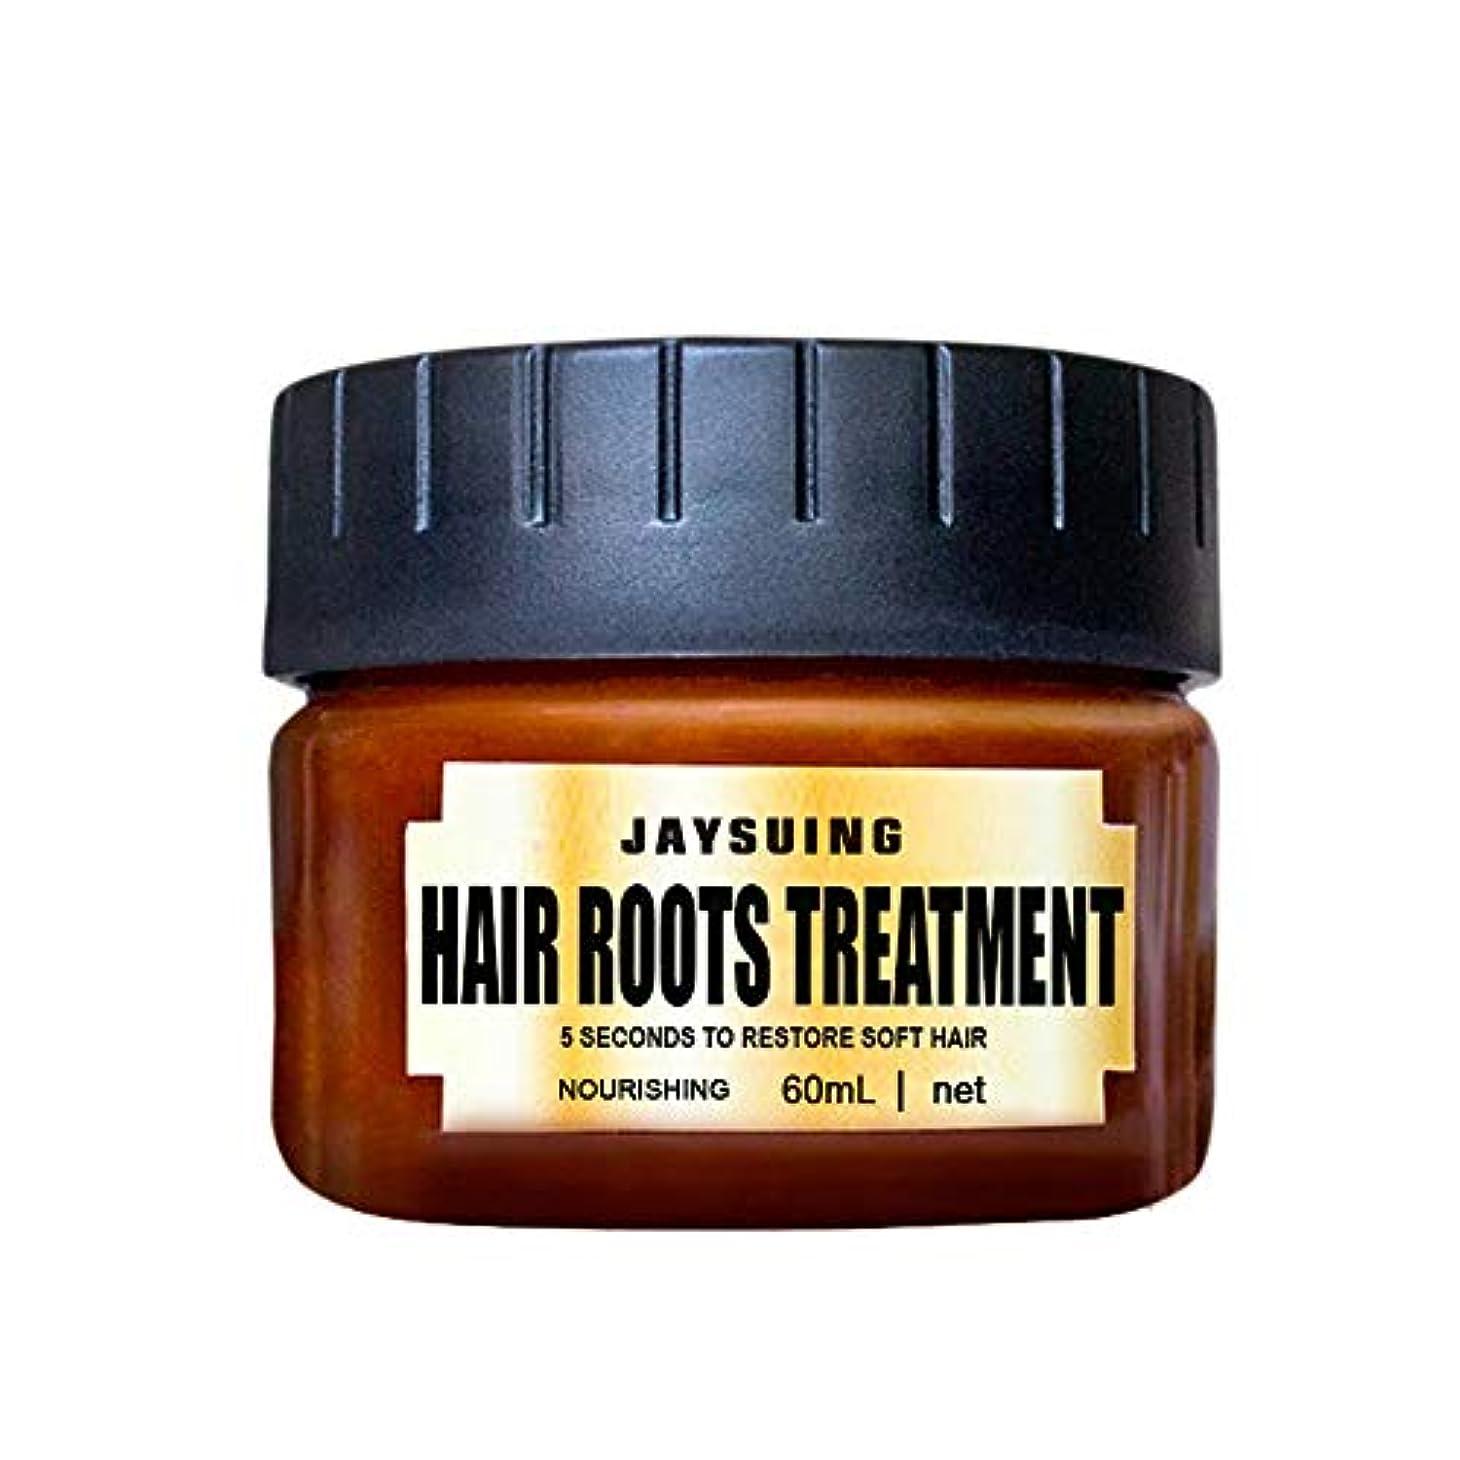 ショット大臣公使館DOUJI天然植物成分 ヘアケア リッチリペア コンディショナー60mlダメージのある髪へ 髪の排毒ヘアマスク高度な分子毛根治療回復 髪の栄養素を補給トリートメント